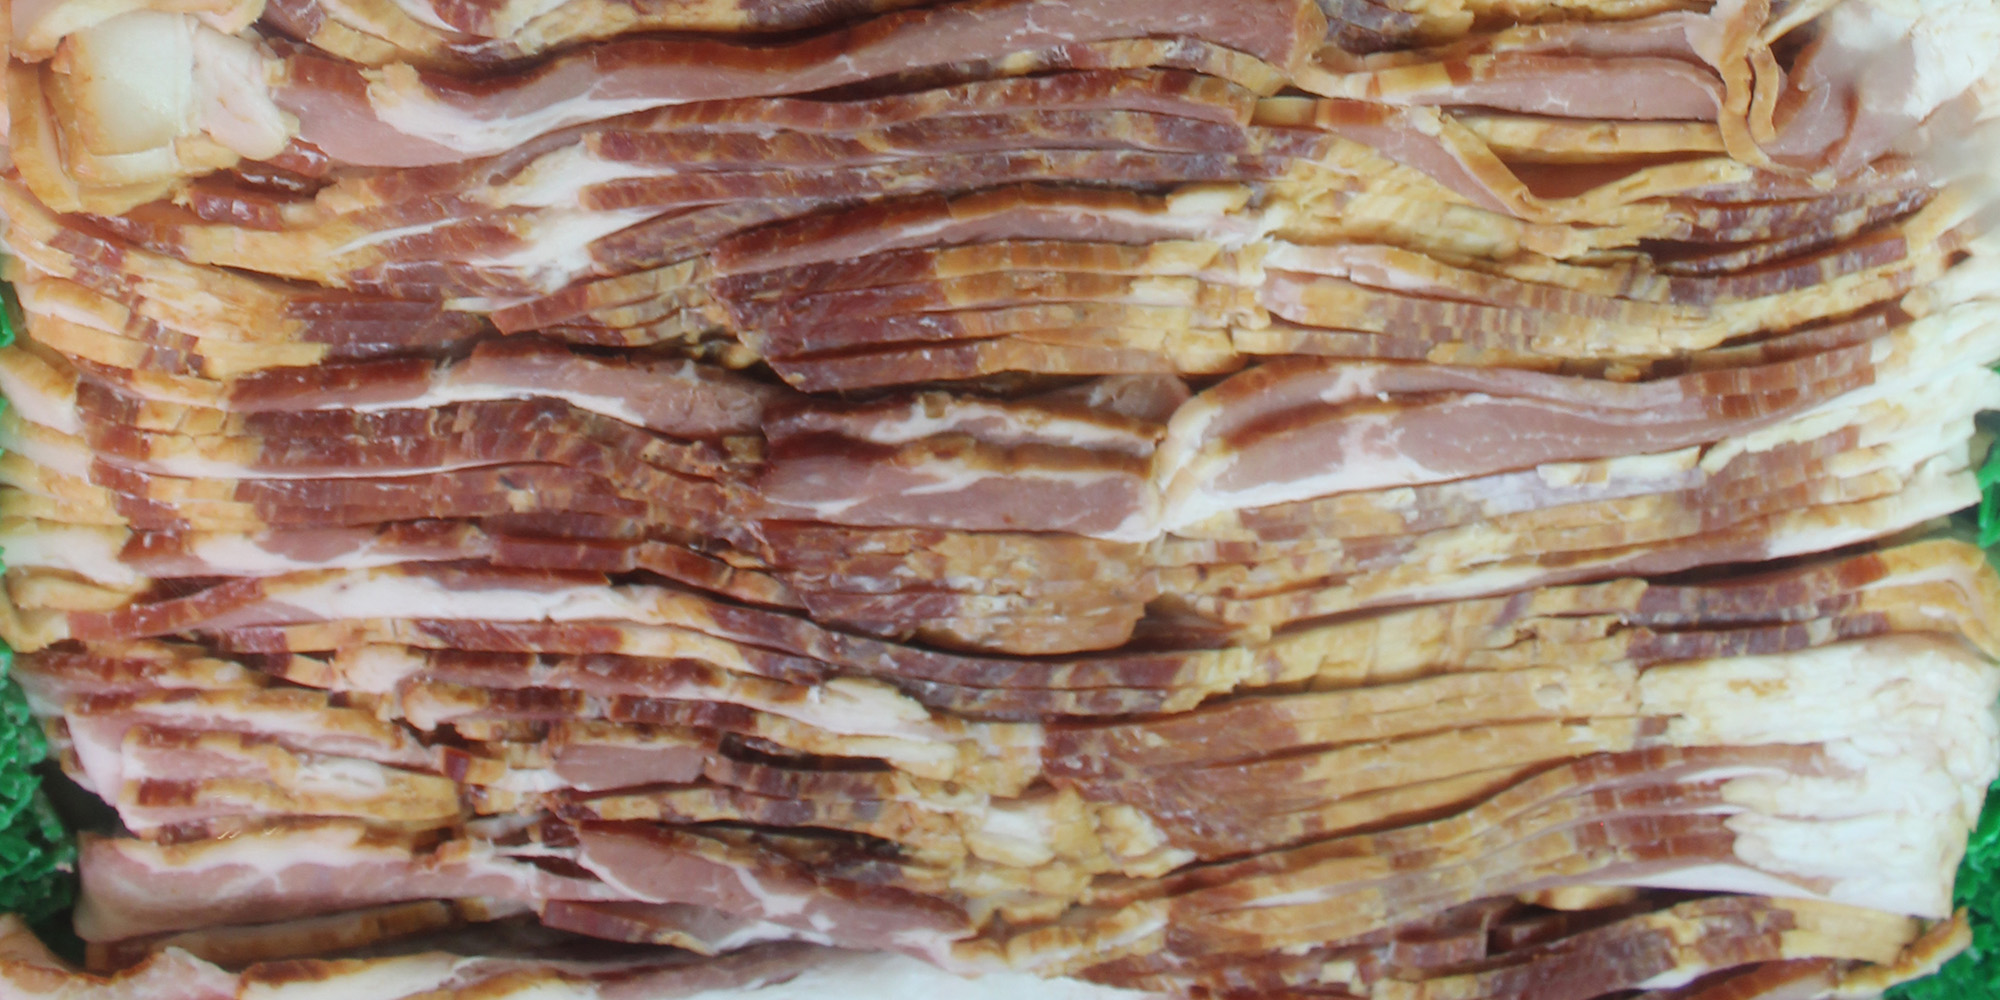 bacon in case